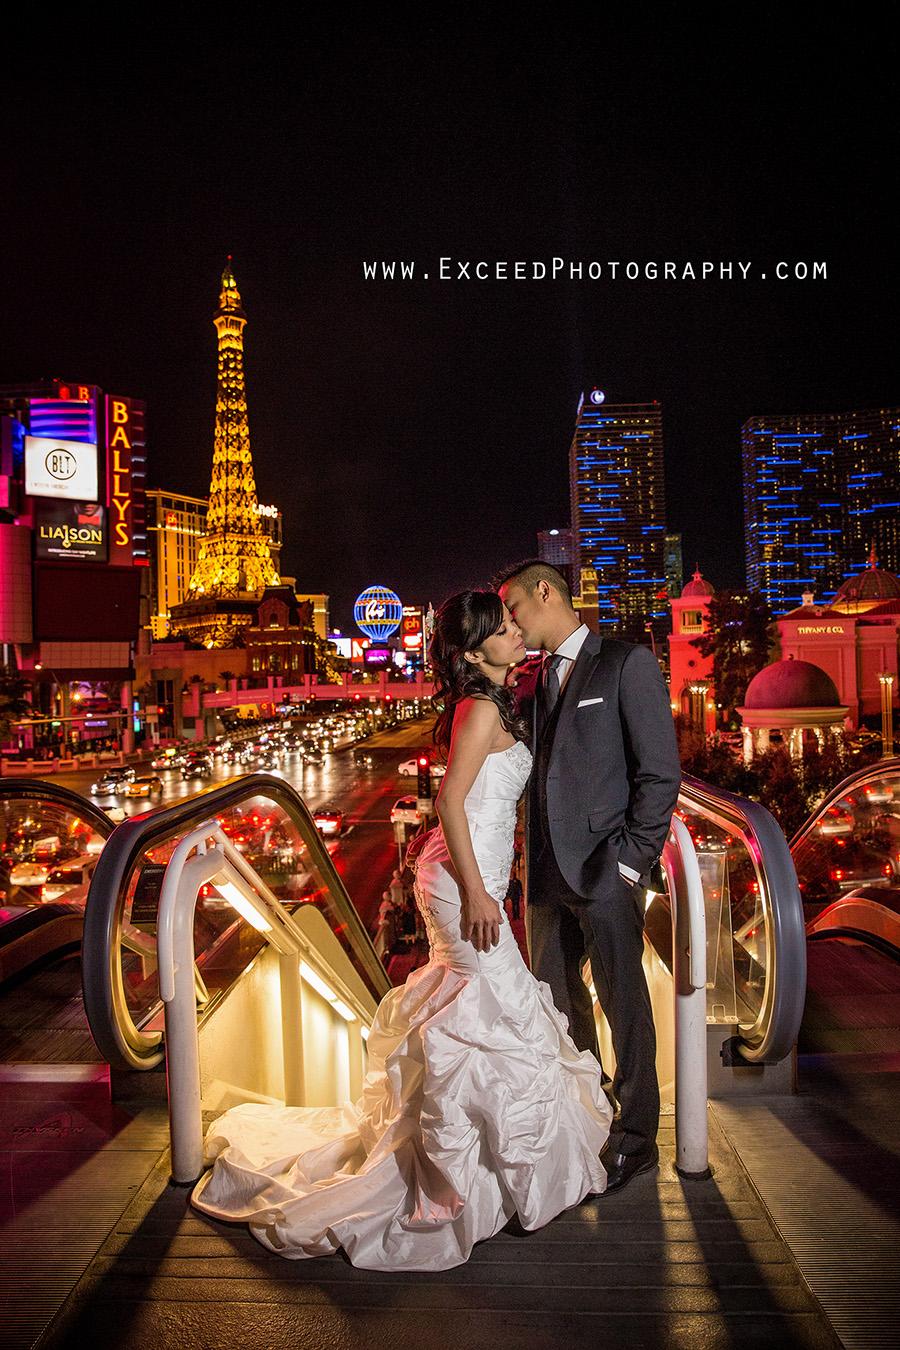 Las Vegas Elopement Photos Jaime And Hieu Creative Las